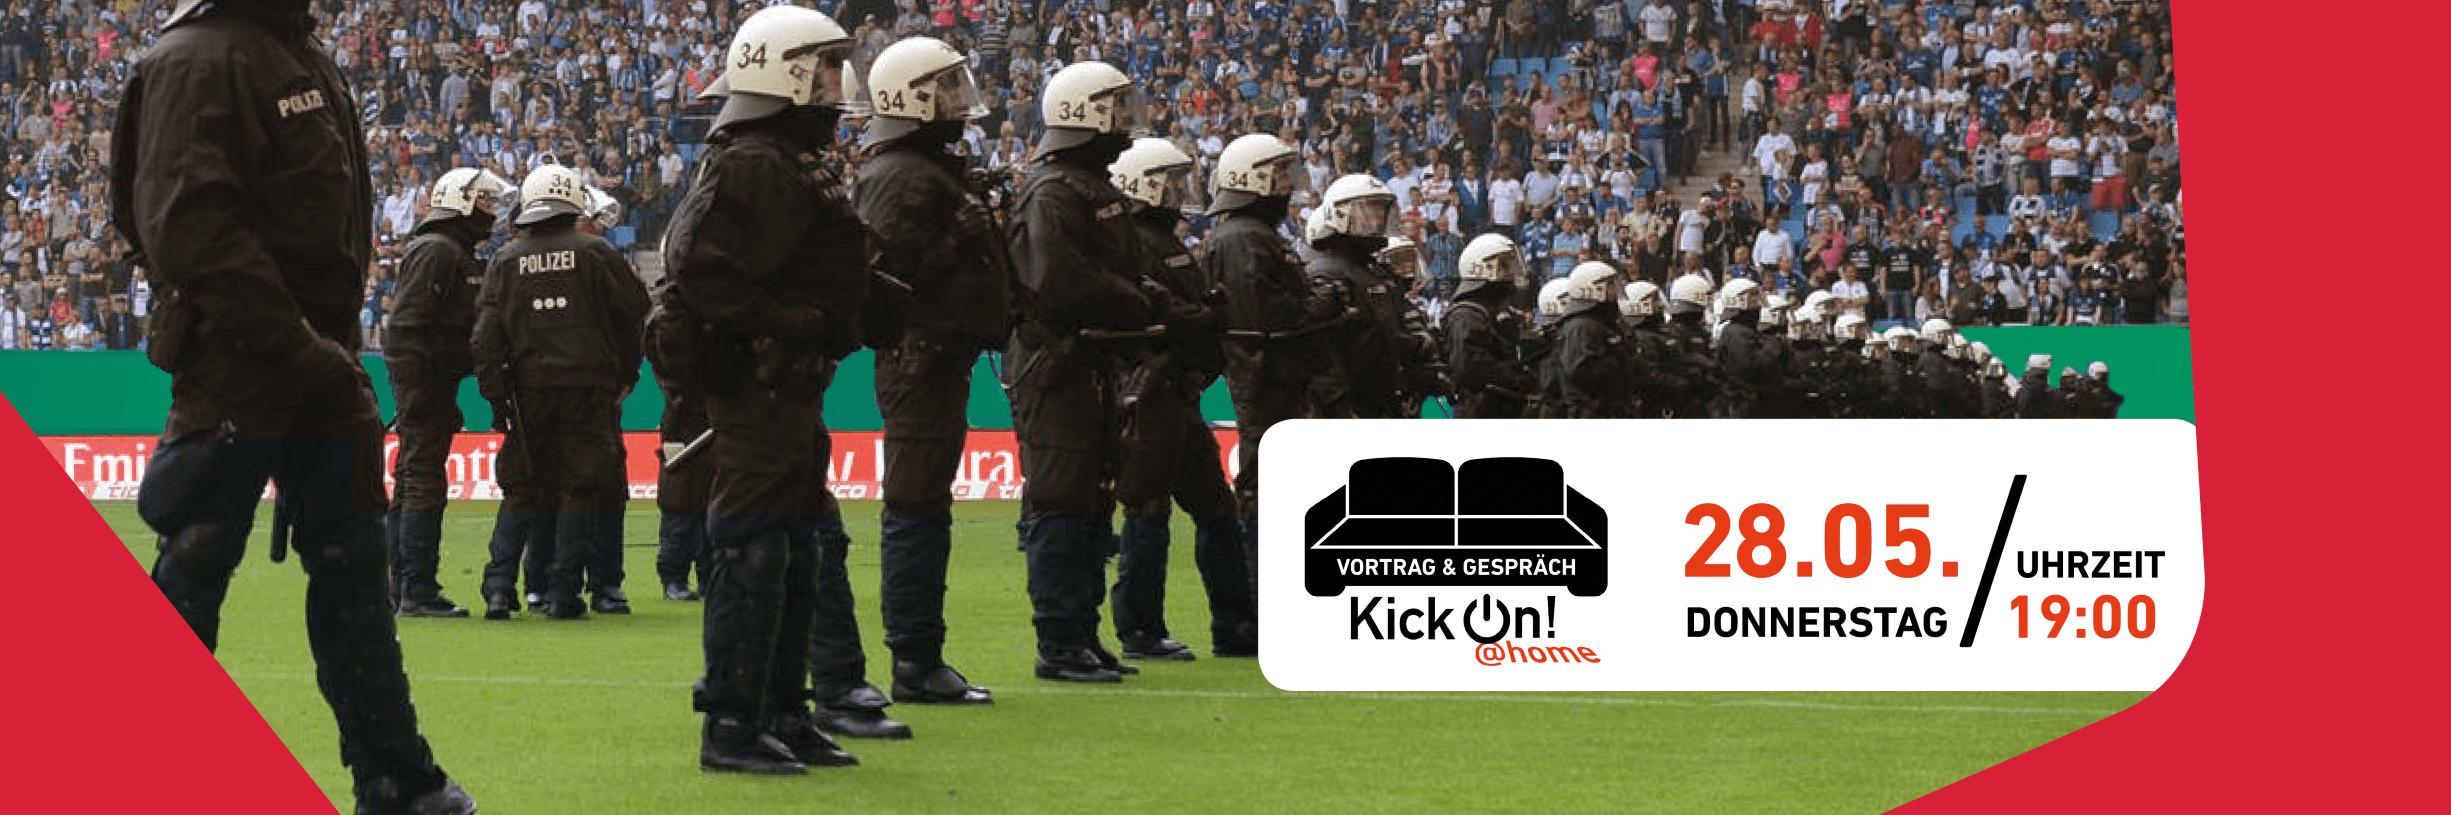 Eine Reihe von Polizisten und Polizistinnen stehen in Uniform und mit Visier auf dem Fußballfeld und gucken Richtung Zuschauertribüne. Rechts in dem Bild befindet sich ein weißer Infokasten mit den Informationen zu der Veranstaltung und einem schwarzen Sofa. Unterhalb des Sofas steht KickOn at home.